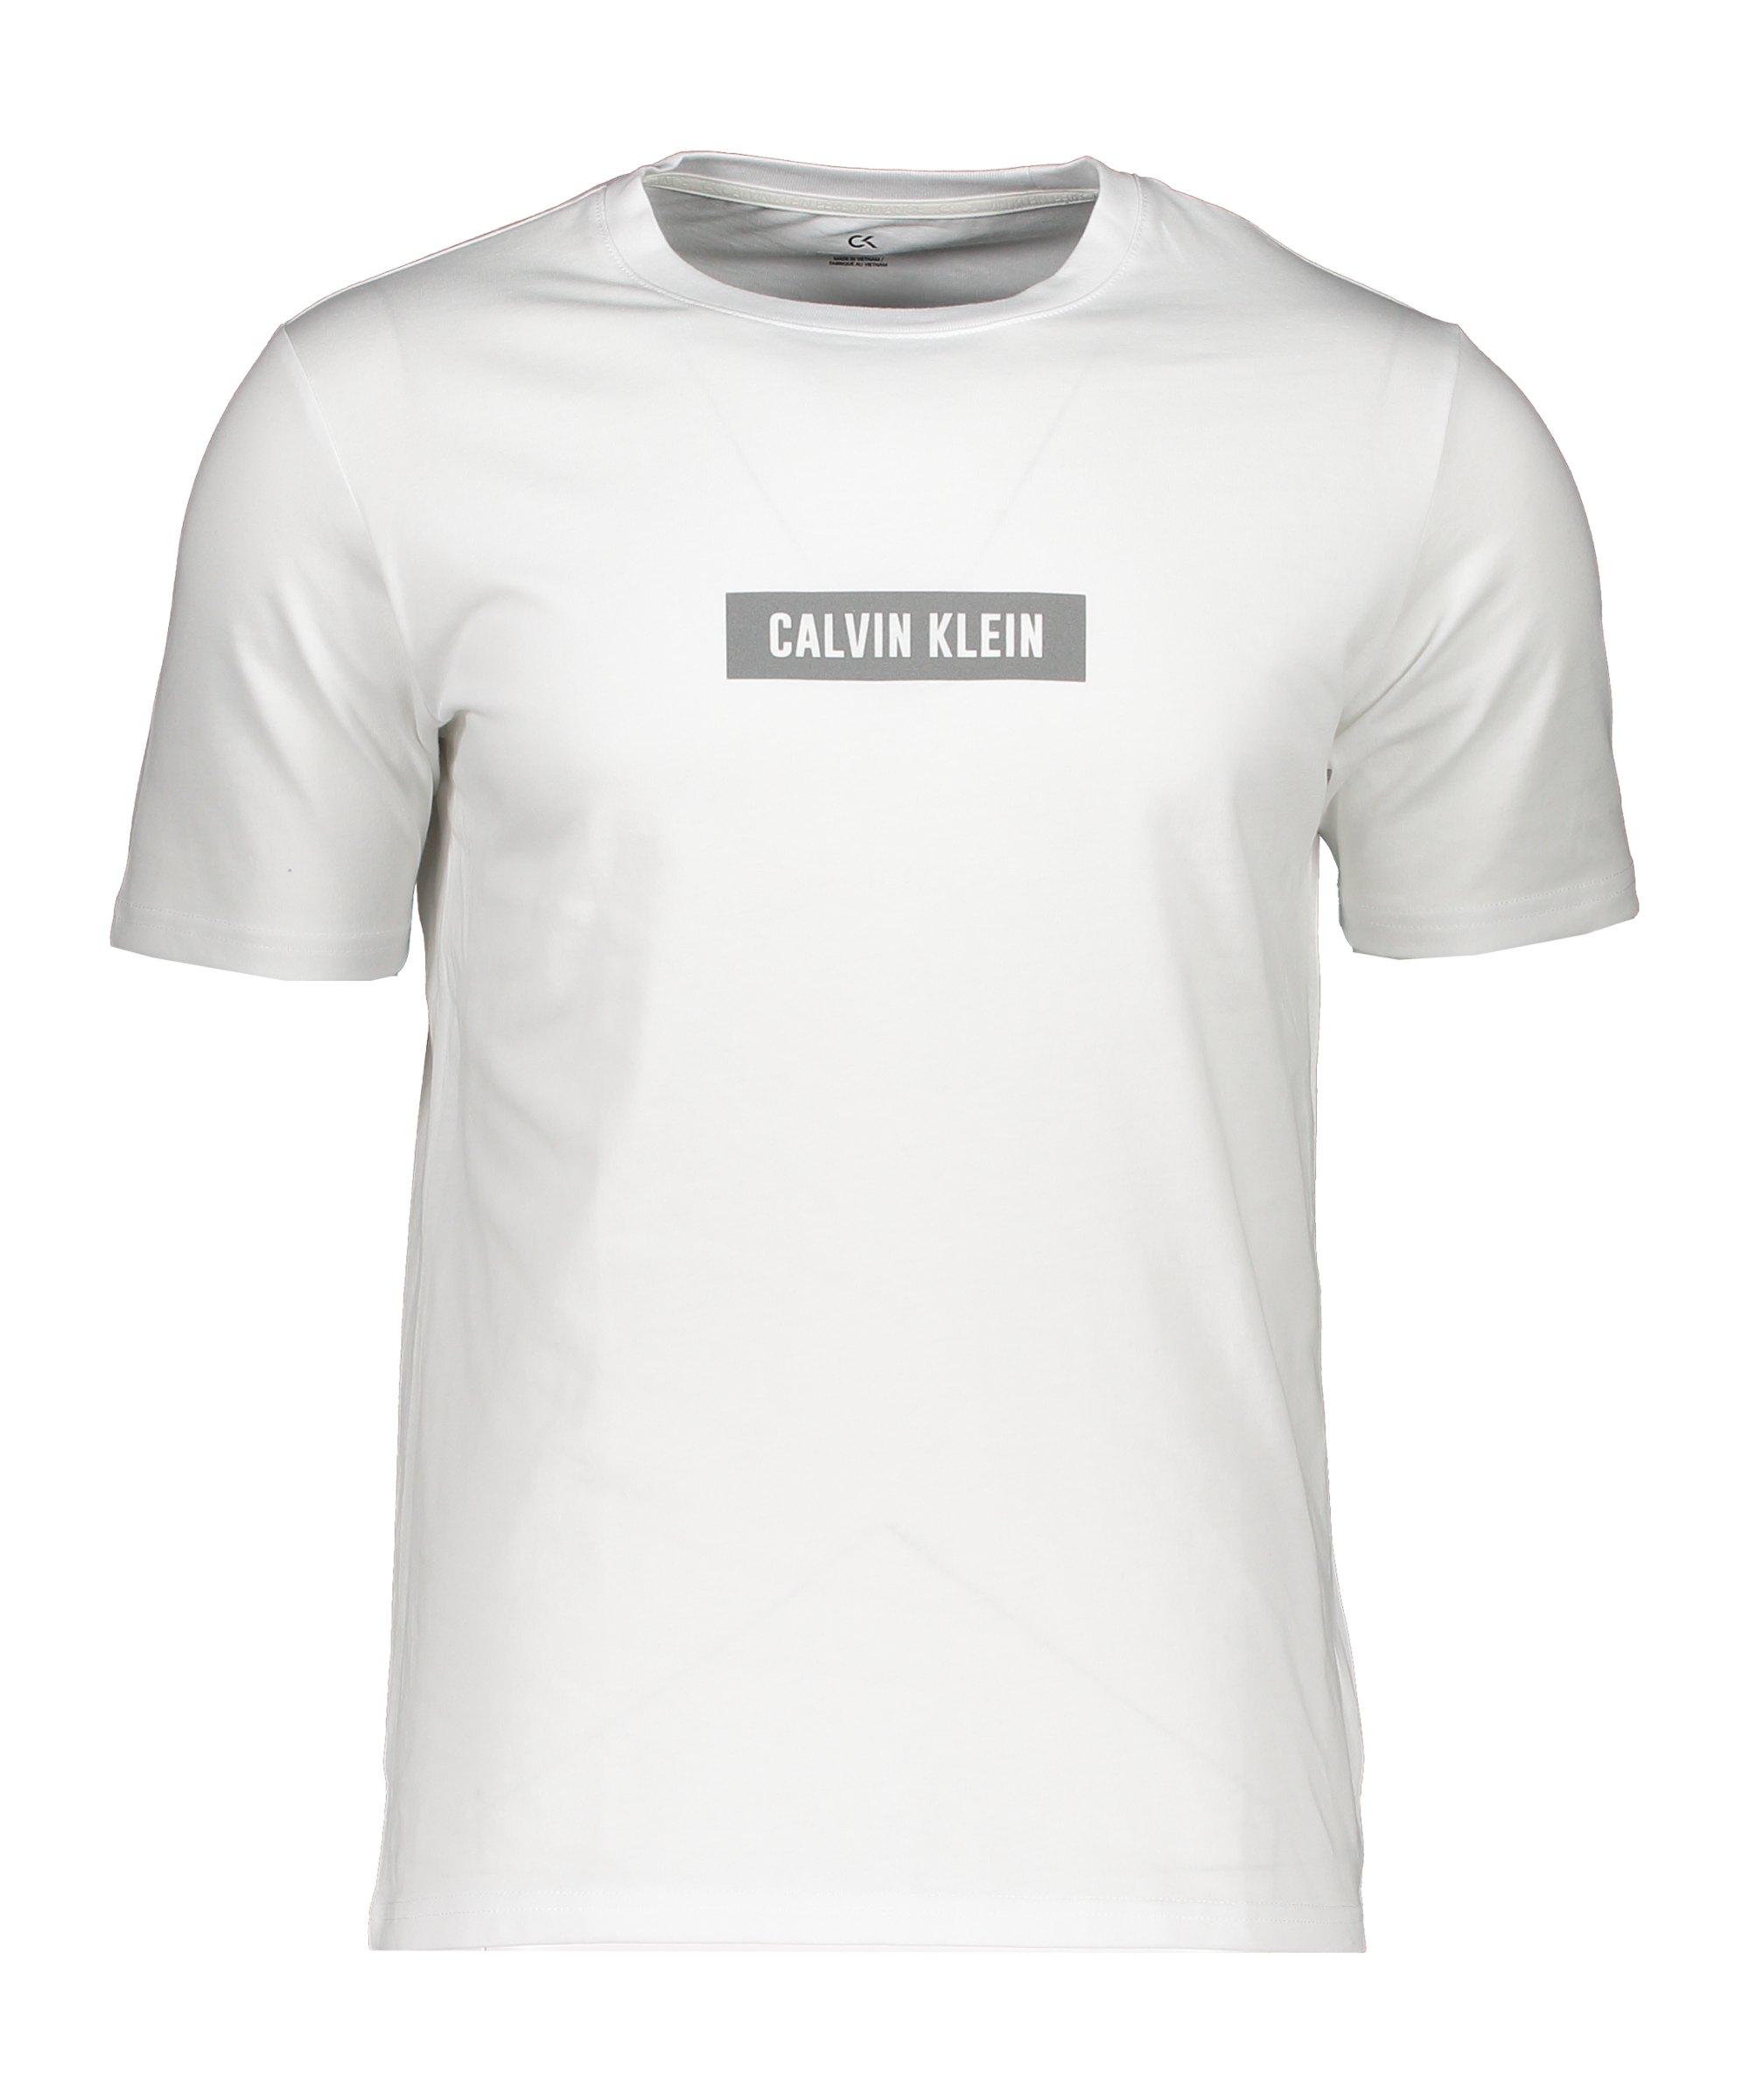 Calvin Klein T-Shirt Weiss Grau F100 - weiss